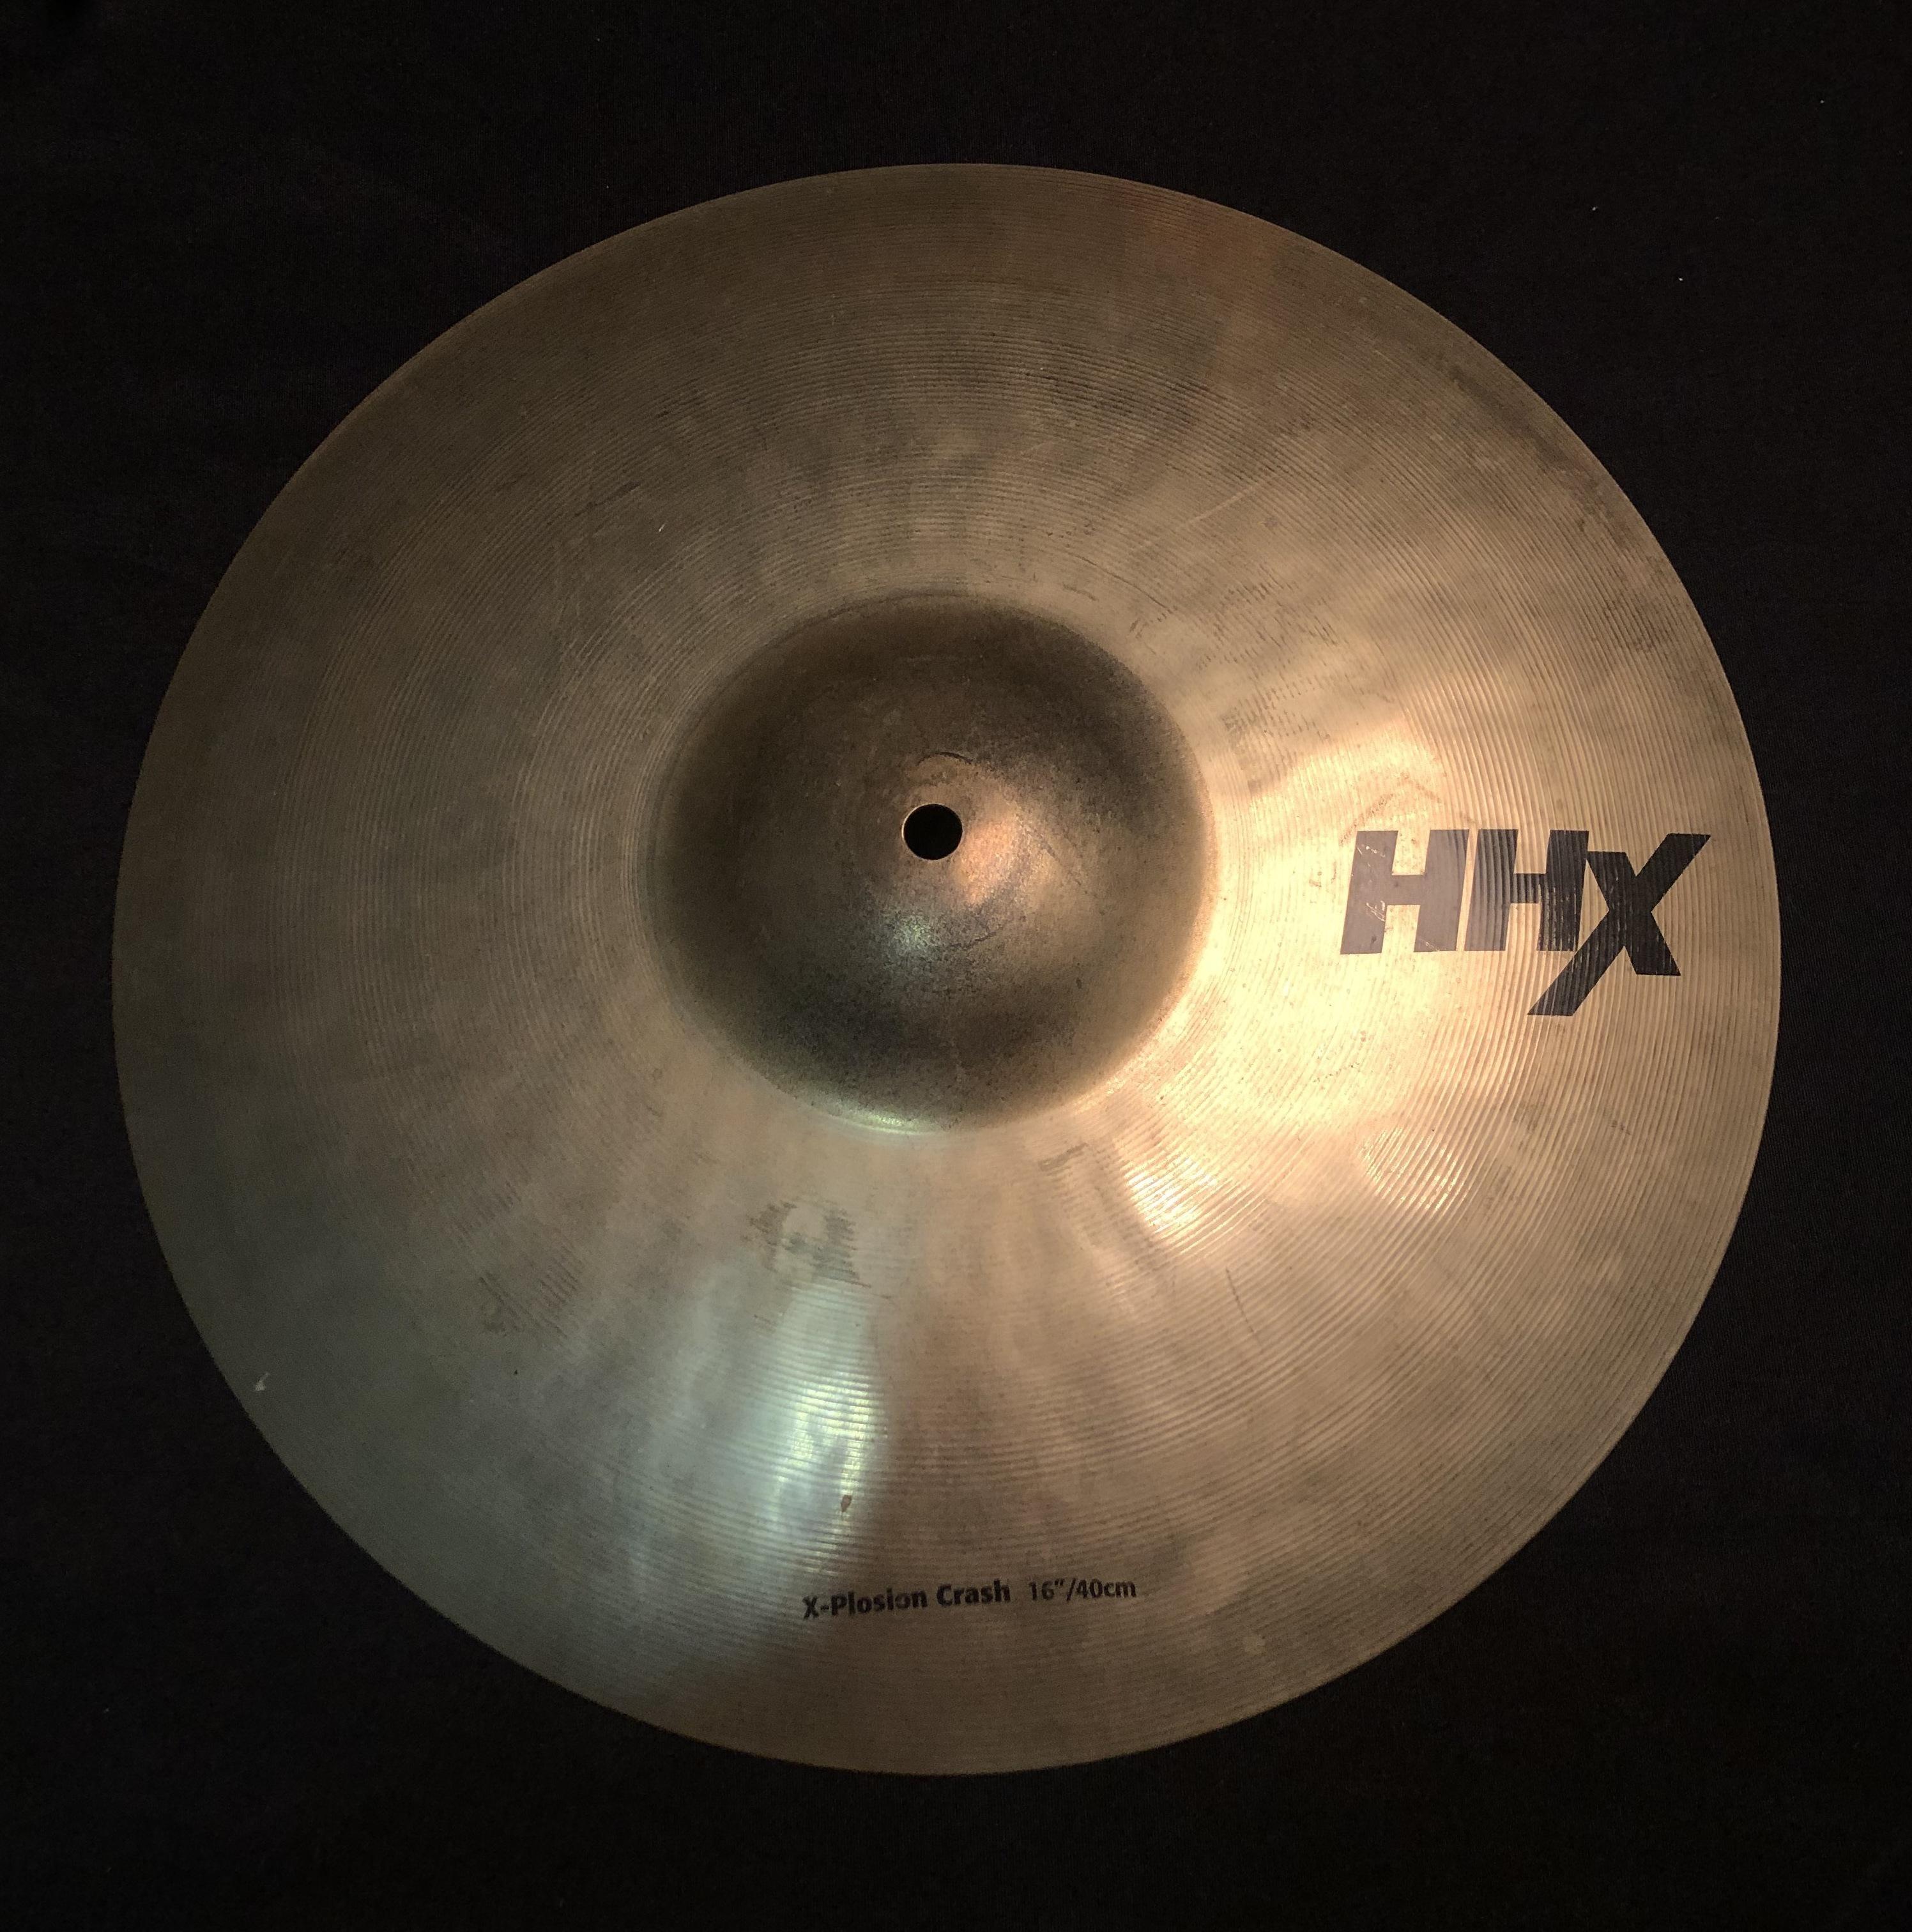 SABIAN - HHX Xplosion Crash Cymbal 16